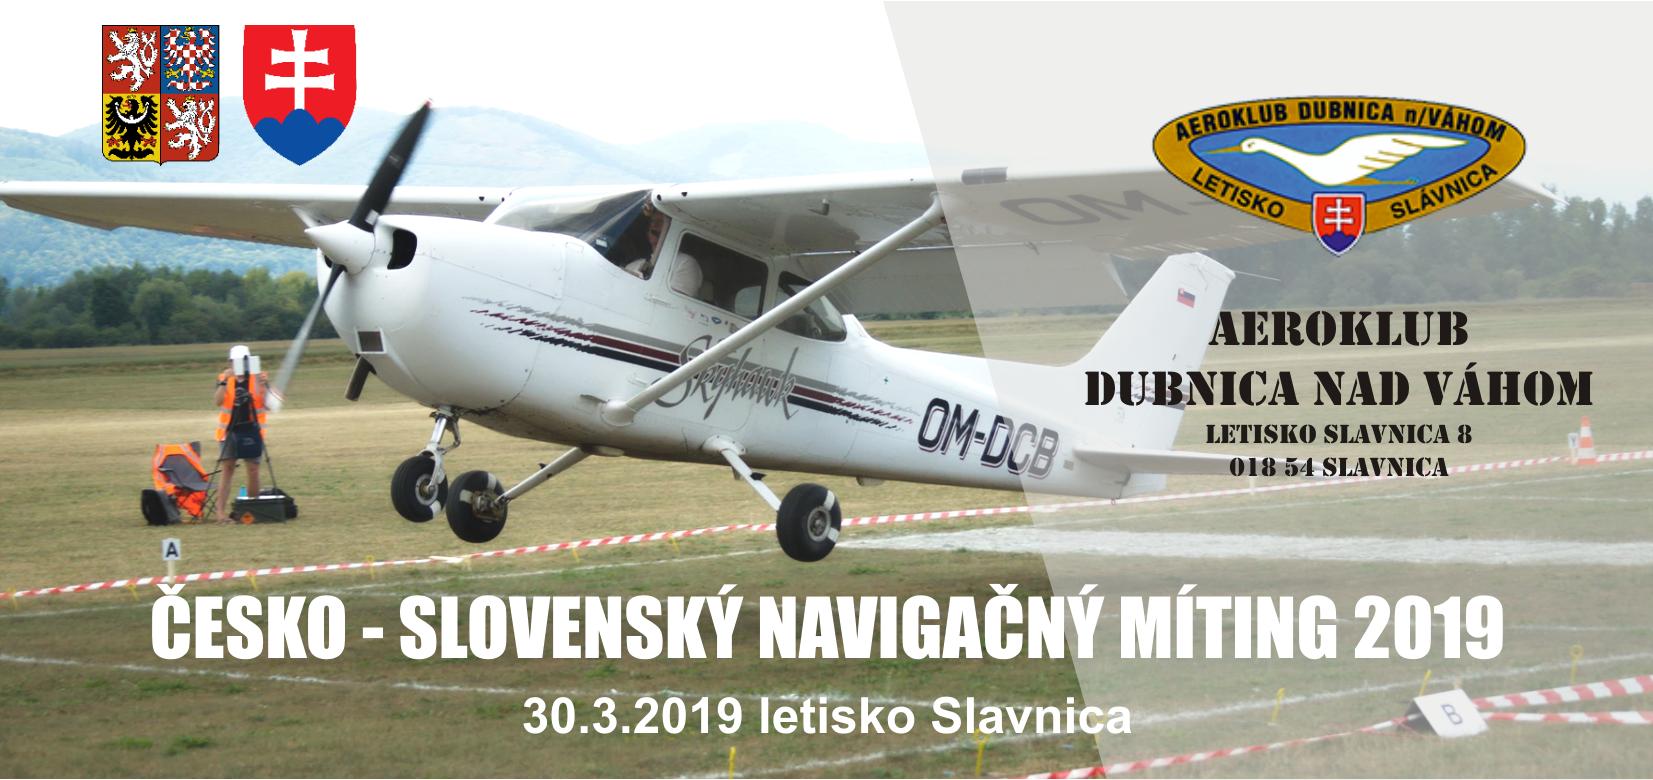 LETECKÁ NAVIGAČNÁ SÚŤAŽ ANR (AIR NAVIGATION RACE) Slavnica 09.08. – 11.08.2019